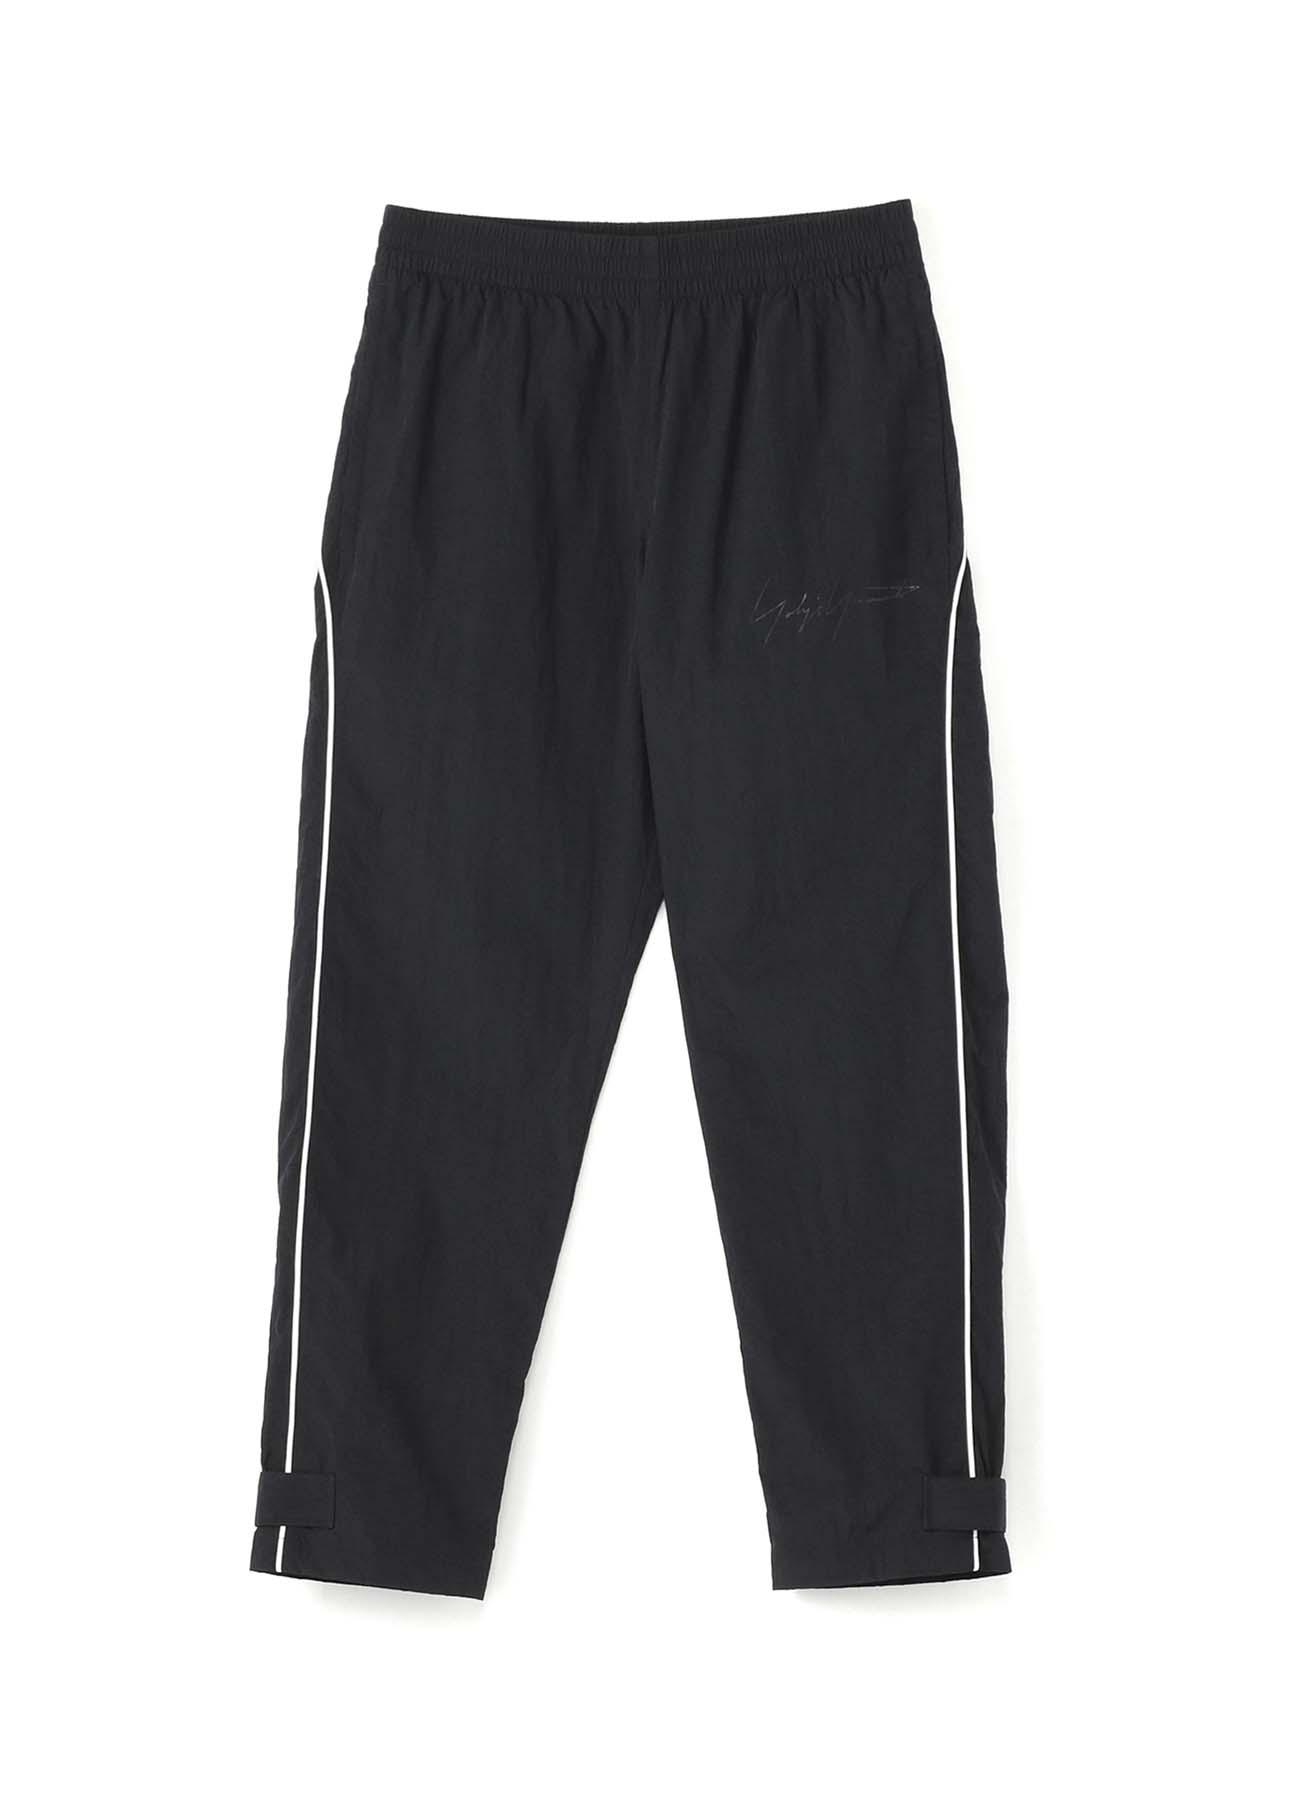 Yohji Yamamoto × adidas YY PANTS BLACK